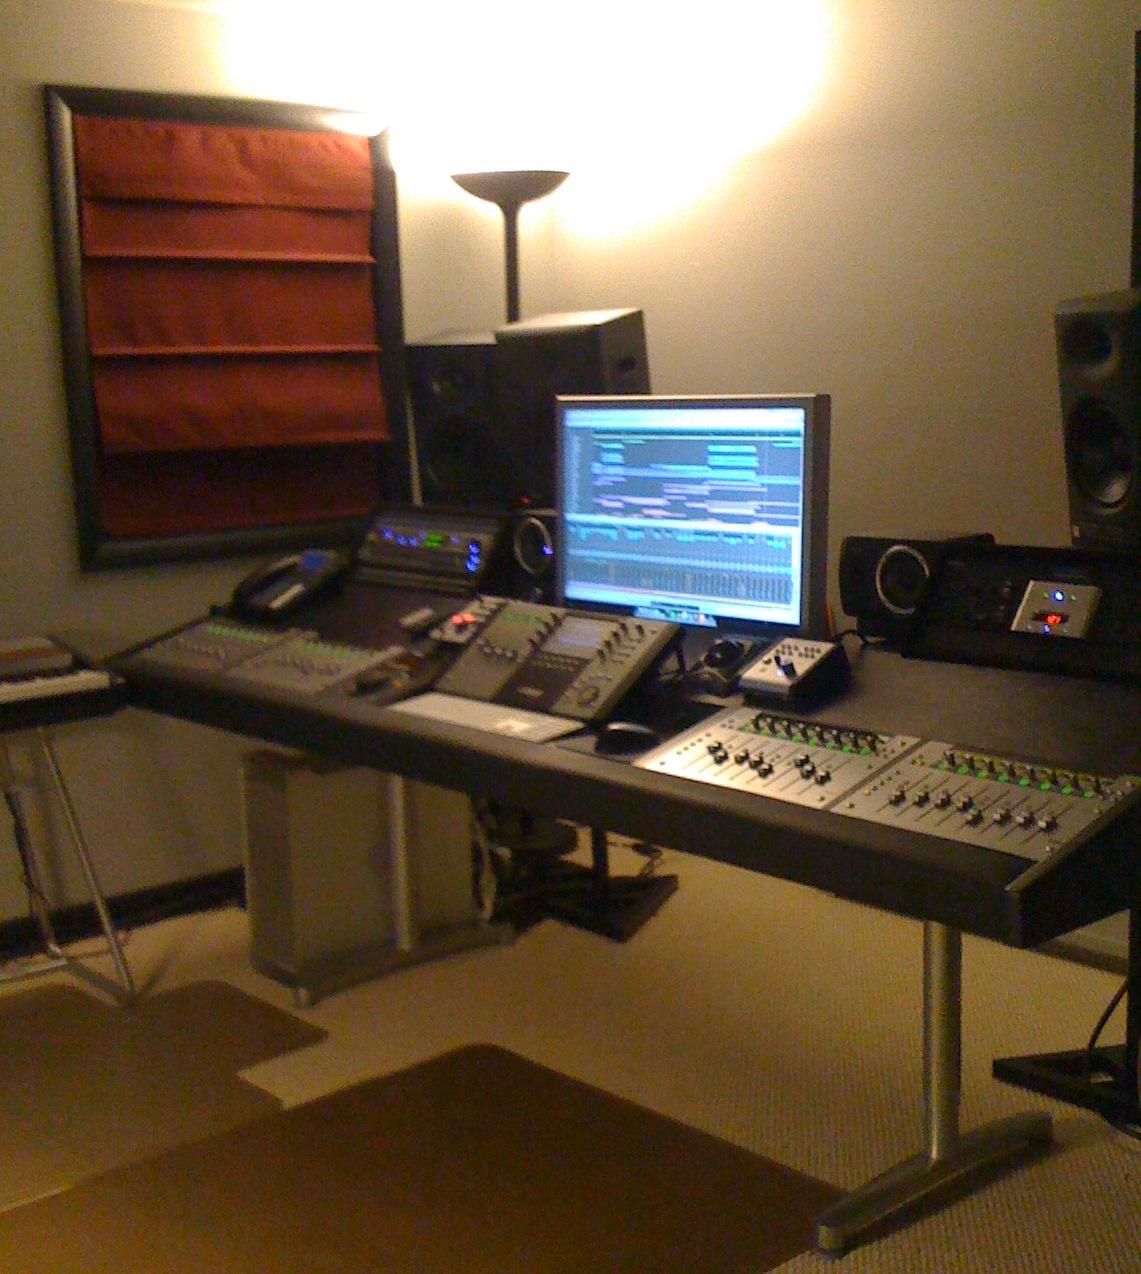 100 Studio Control Room Design Interior Unusual